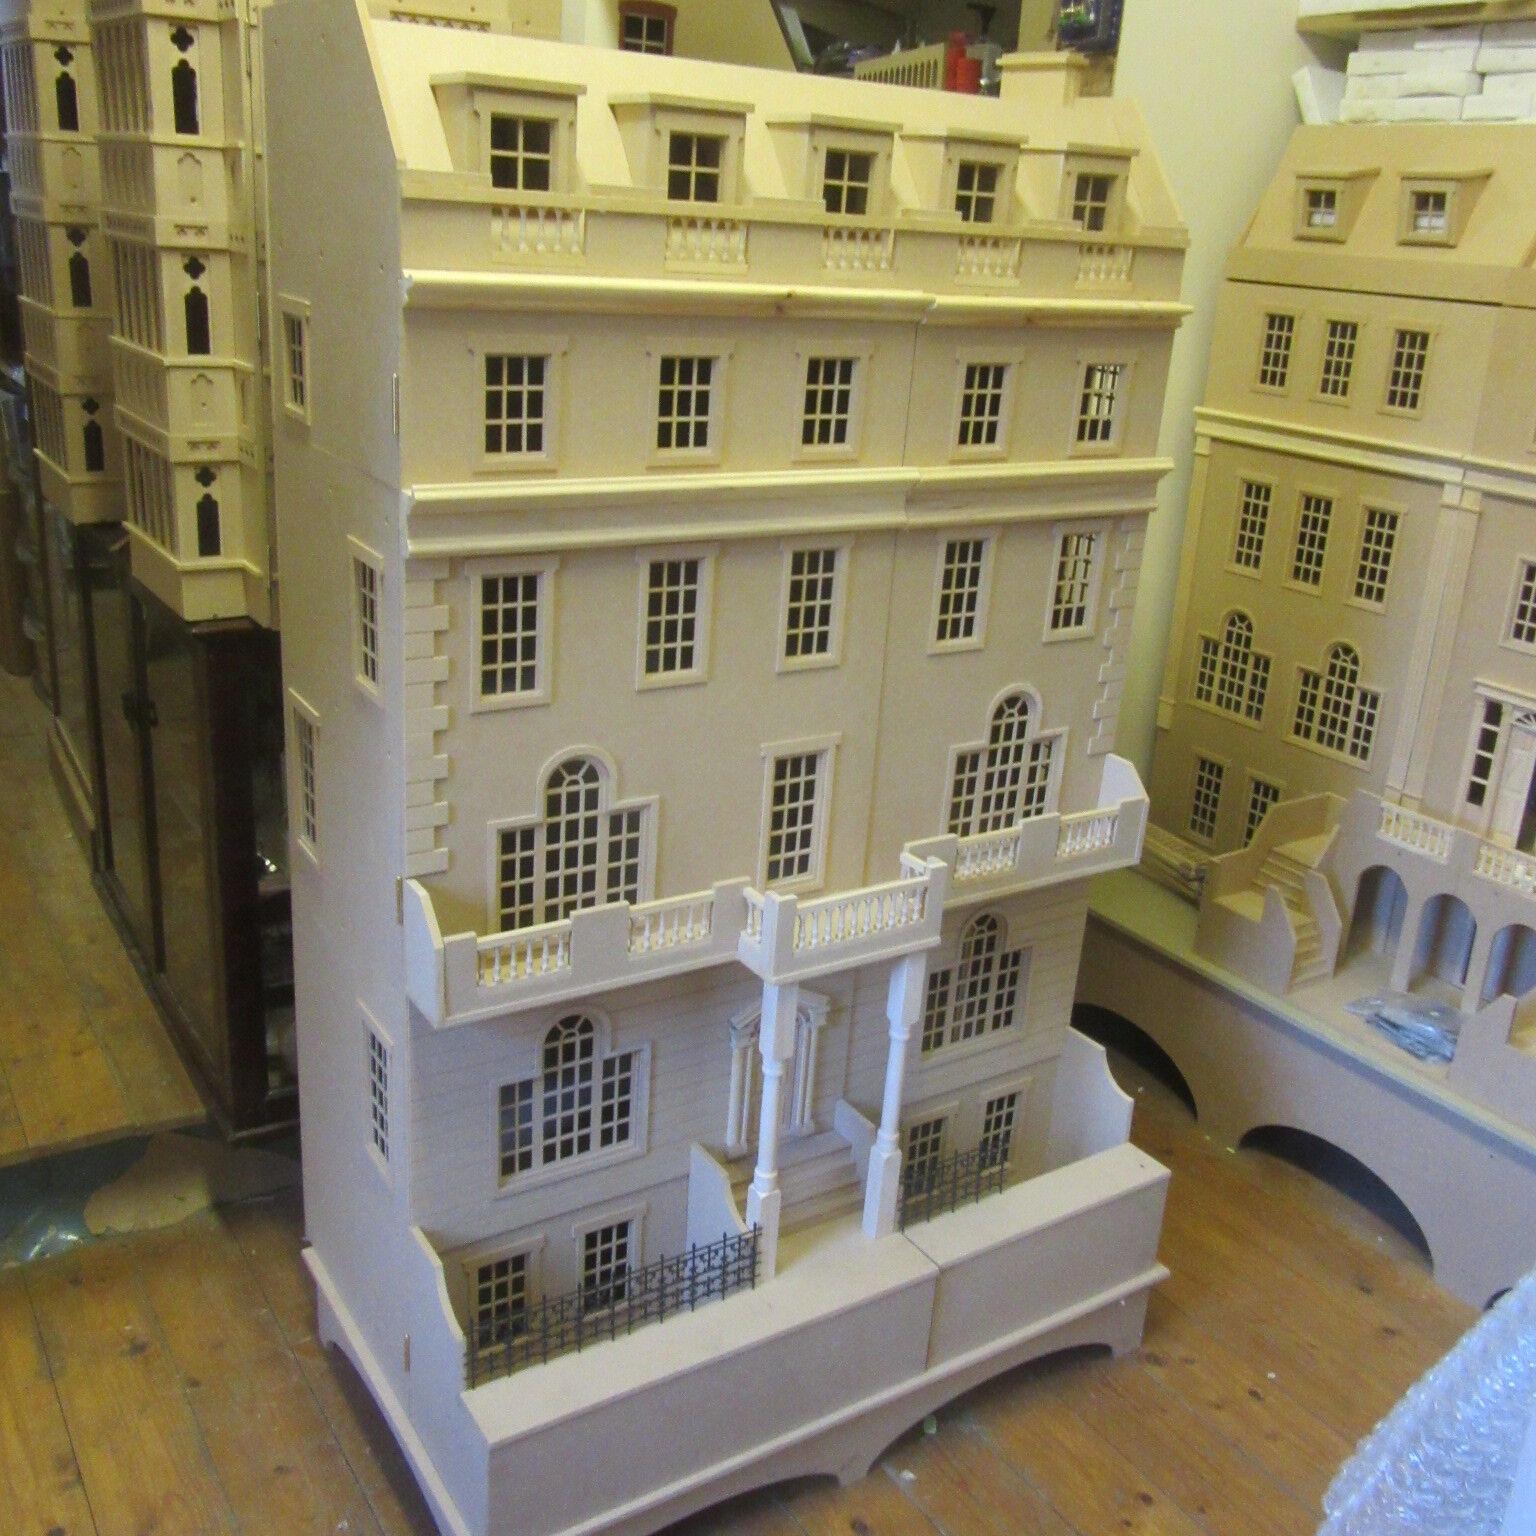 Maison de poupées 12th échelle échelle échelle le Strand Regency town house en kit DHD 15-031 642f68